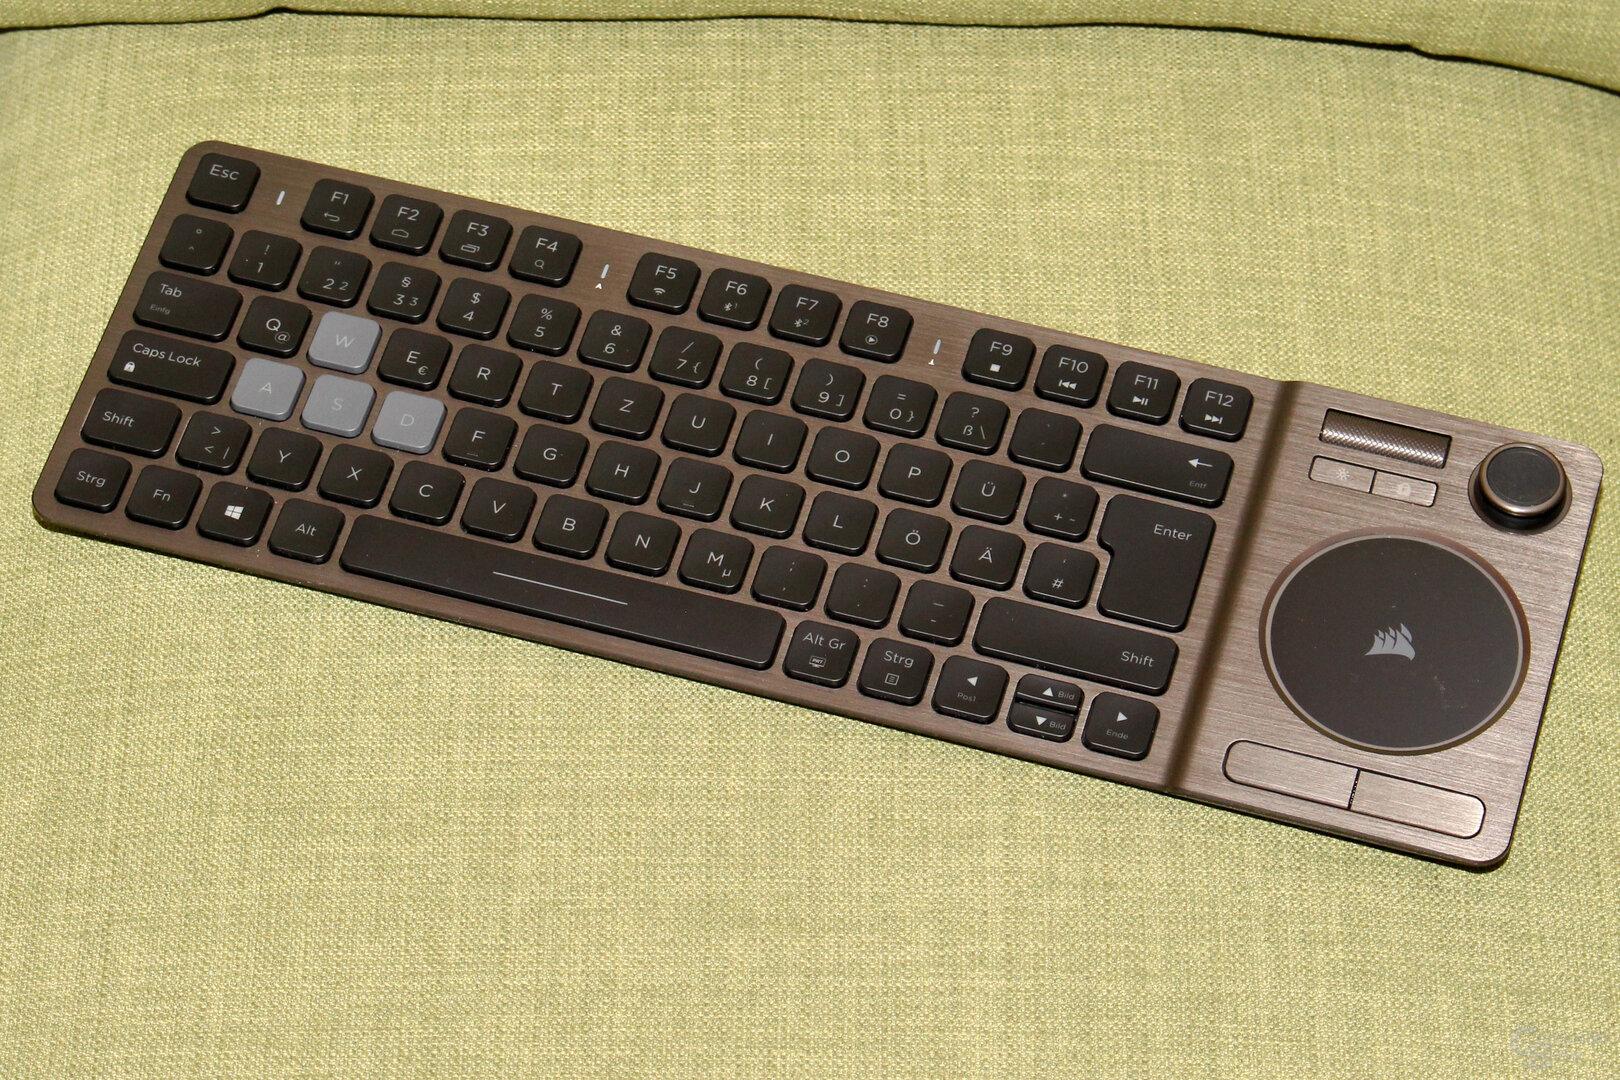 Die K83 entpuppt sich als gelungene HTPC-Tastatur. Ein Gaming-Eingabegerät ist sie nicht.